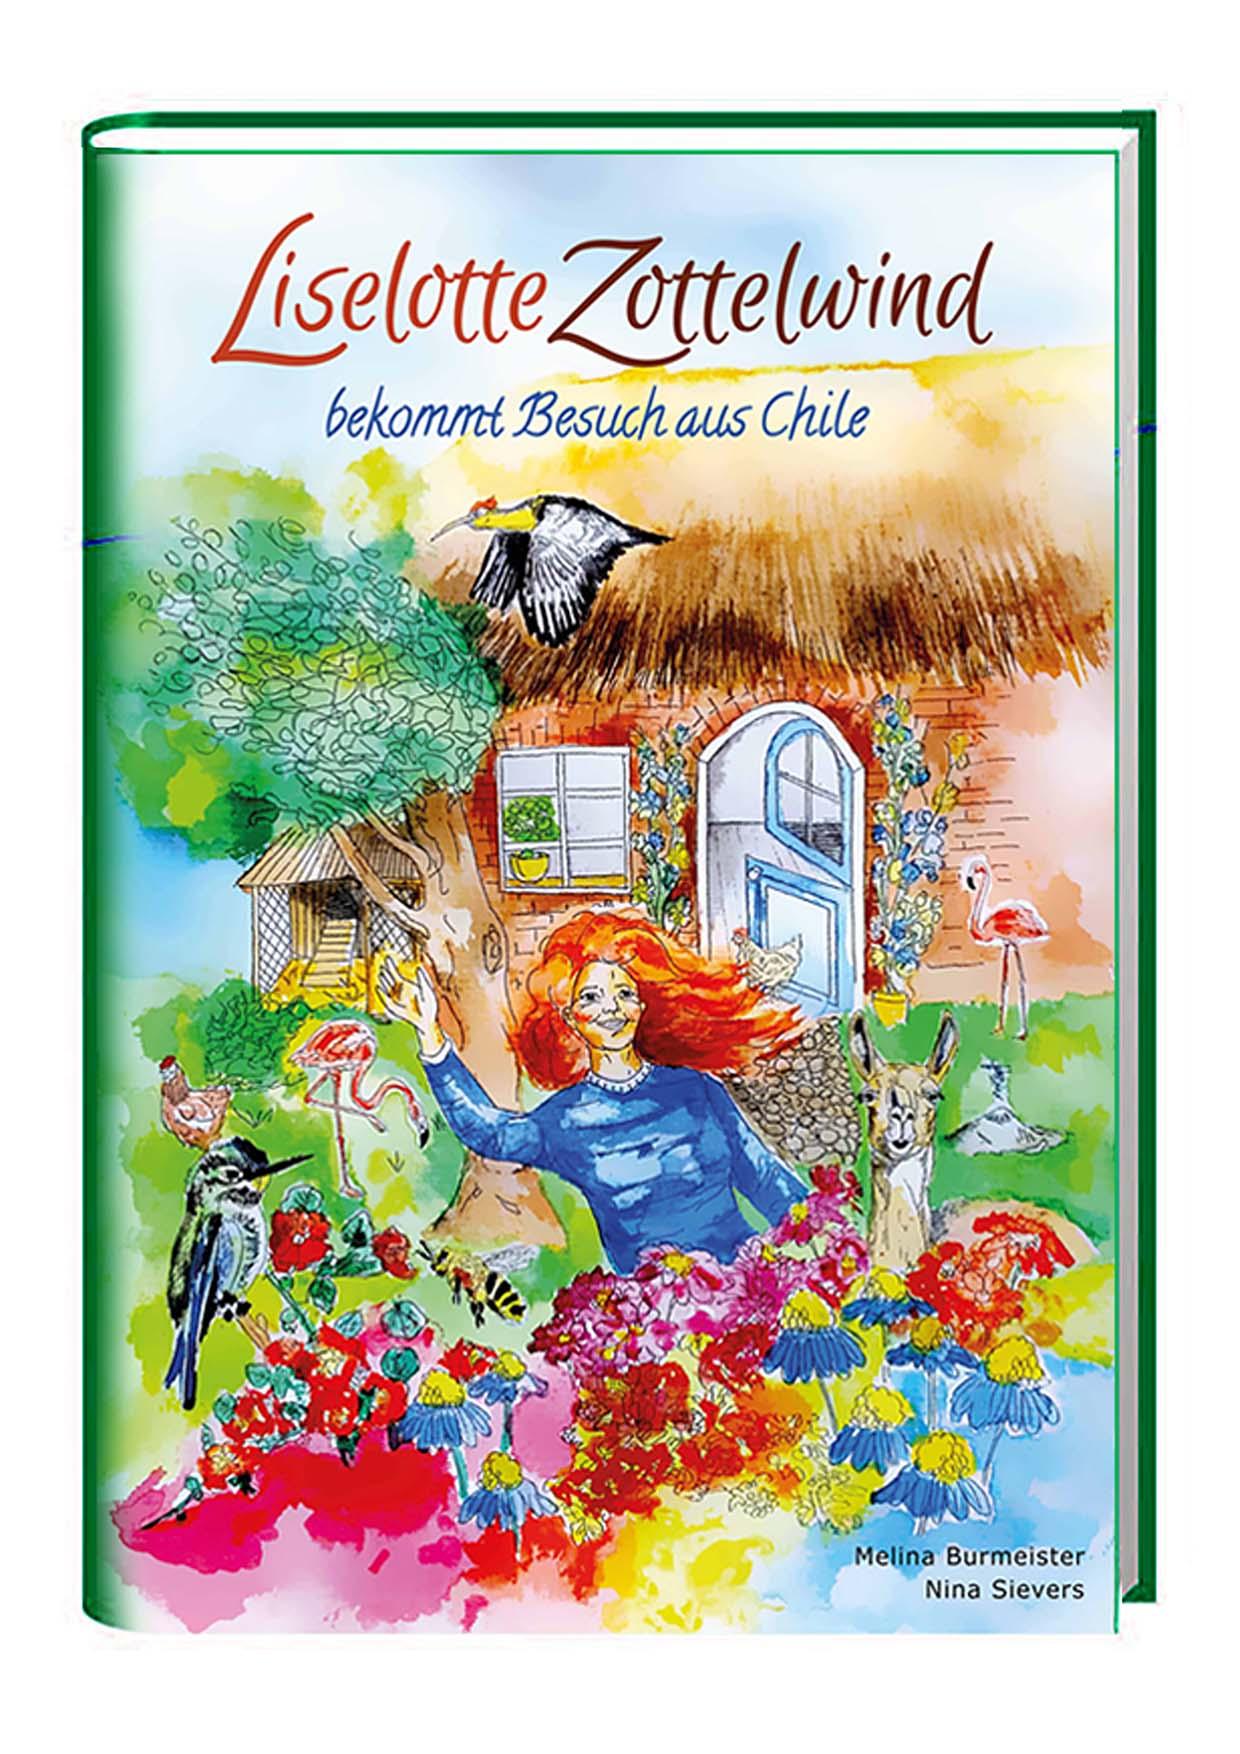 Buchcover Liselotte Zottelwind